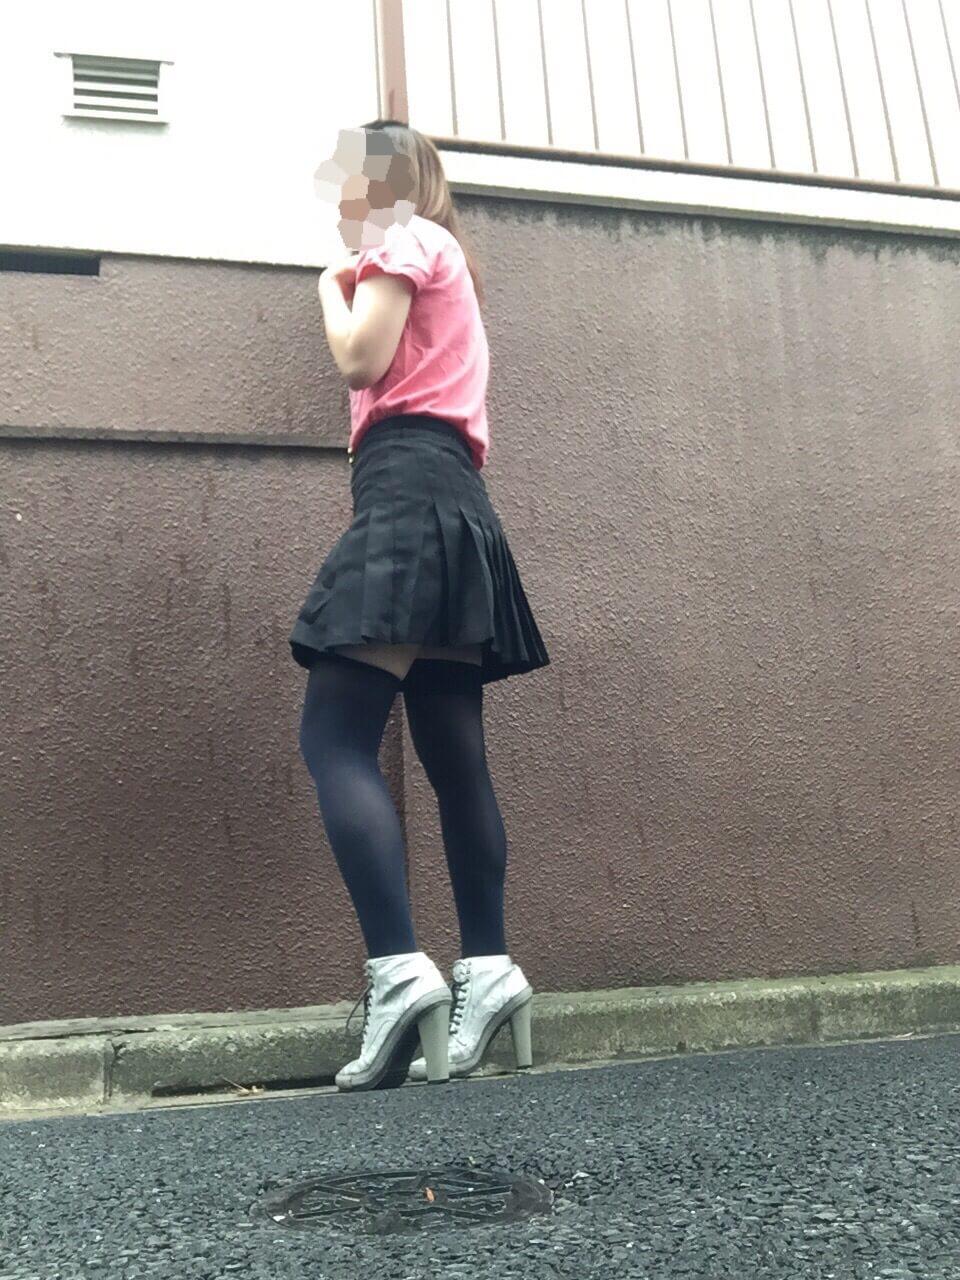 ミニスカートは何歳まで?と年齢を気にする服はライブで着てみよう